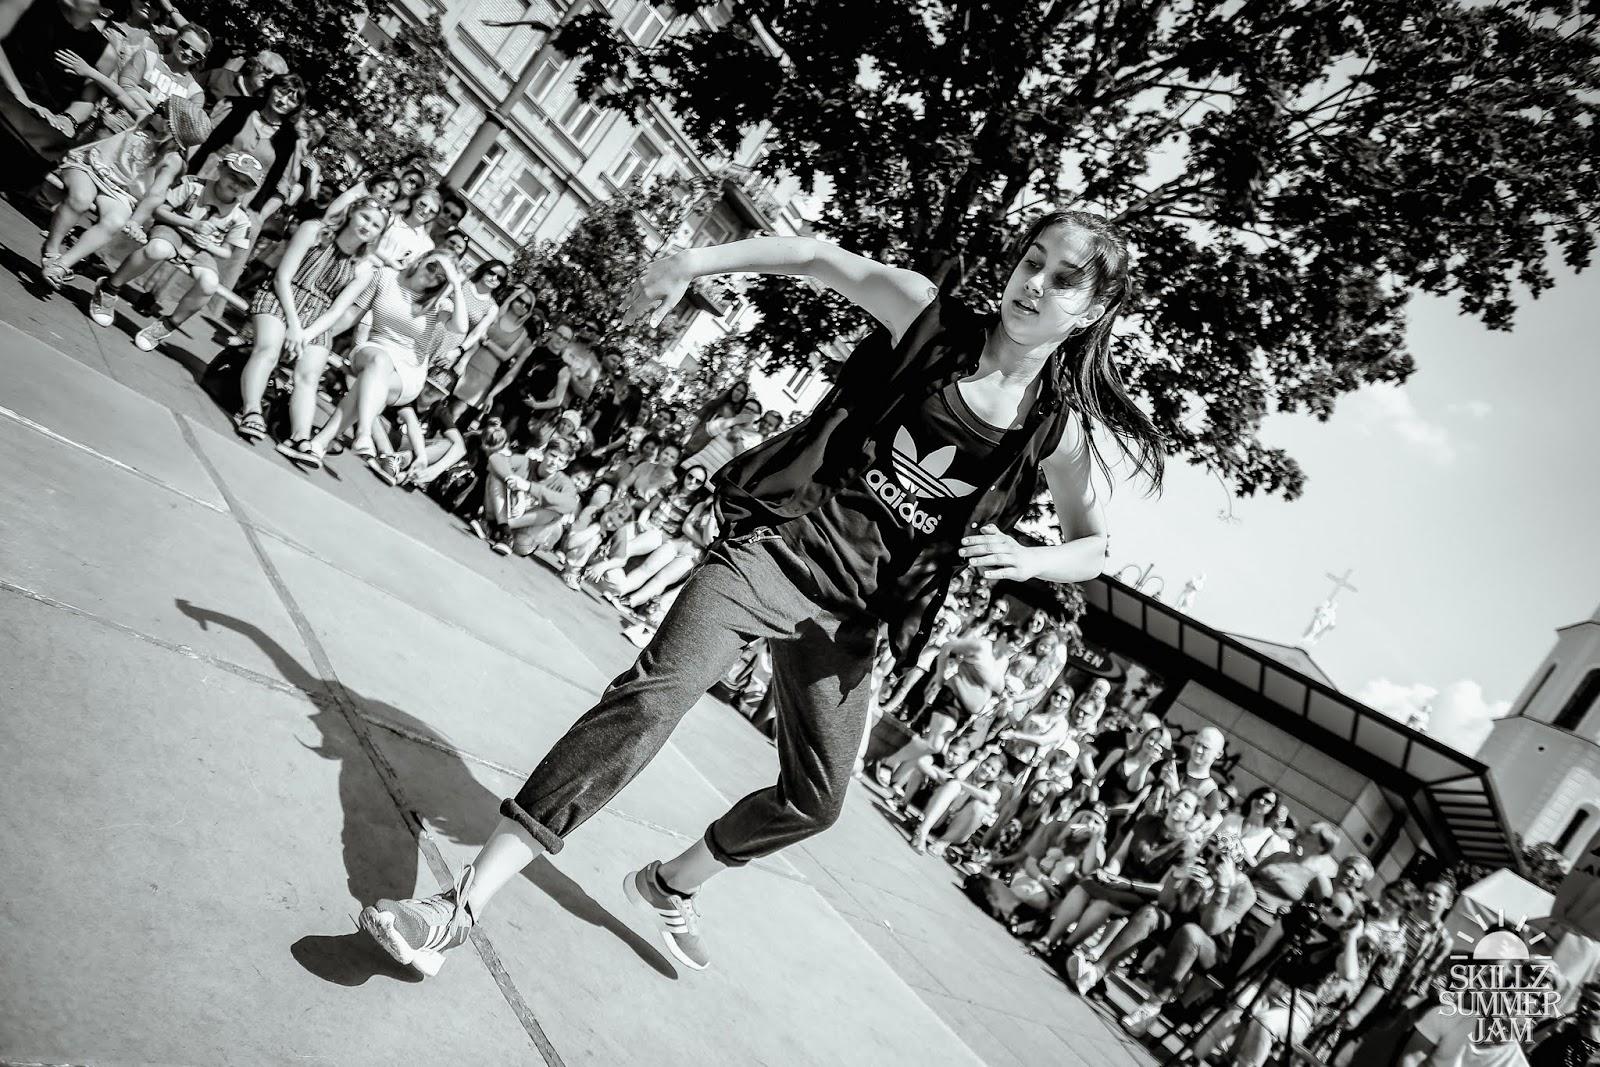 SKILLZ Summer Jam 2016 - IMG_5636.jpg